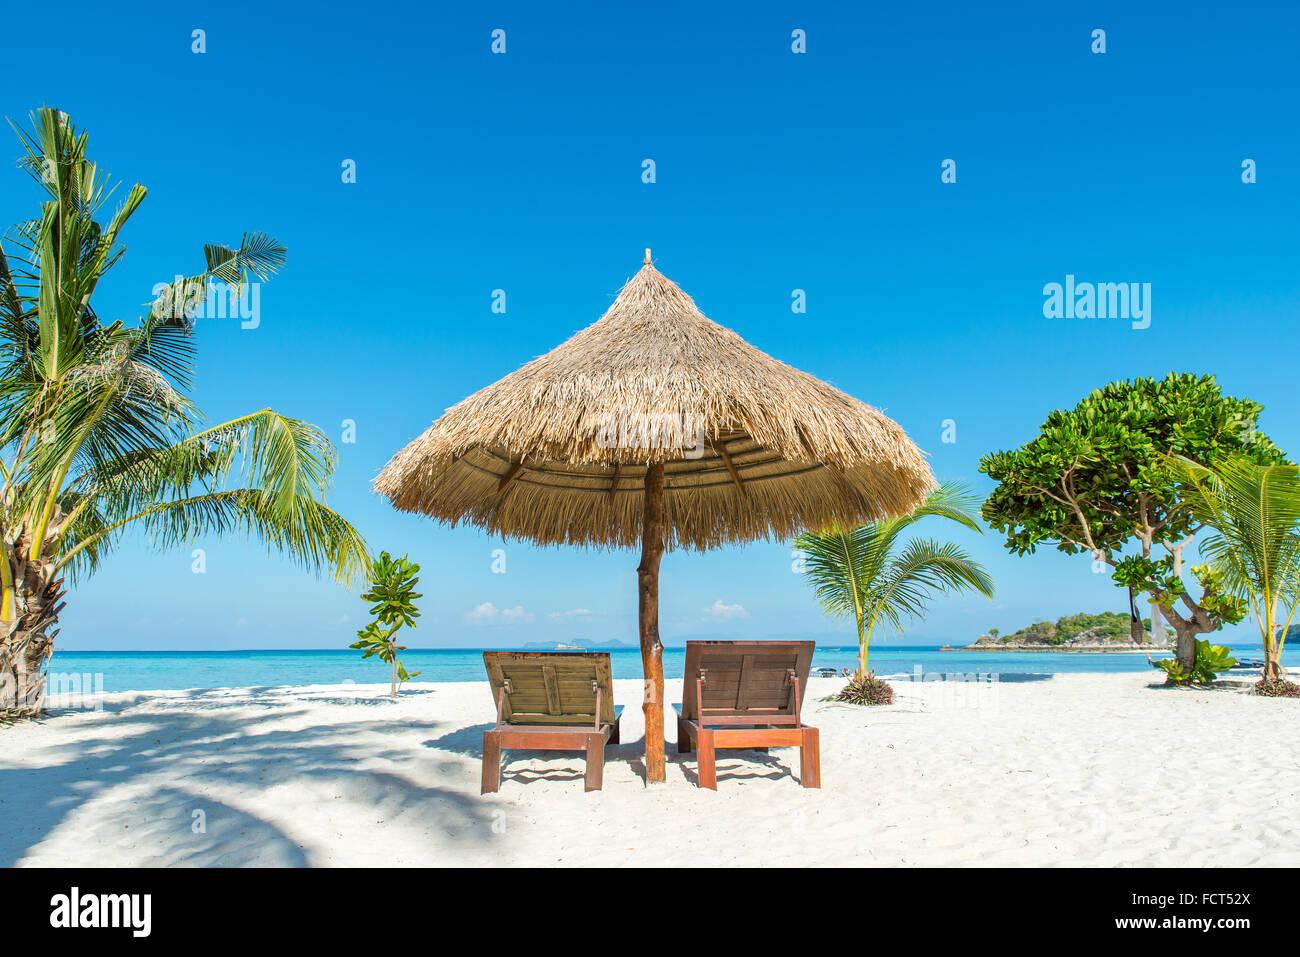 L'été, les voyages, vacances et maison de vacances concept - chaises de plage et parasol sur l'île Photo Stock